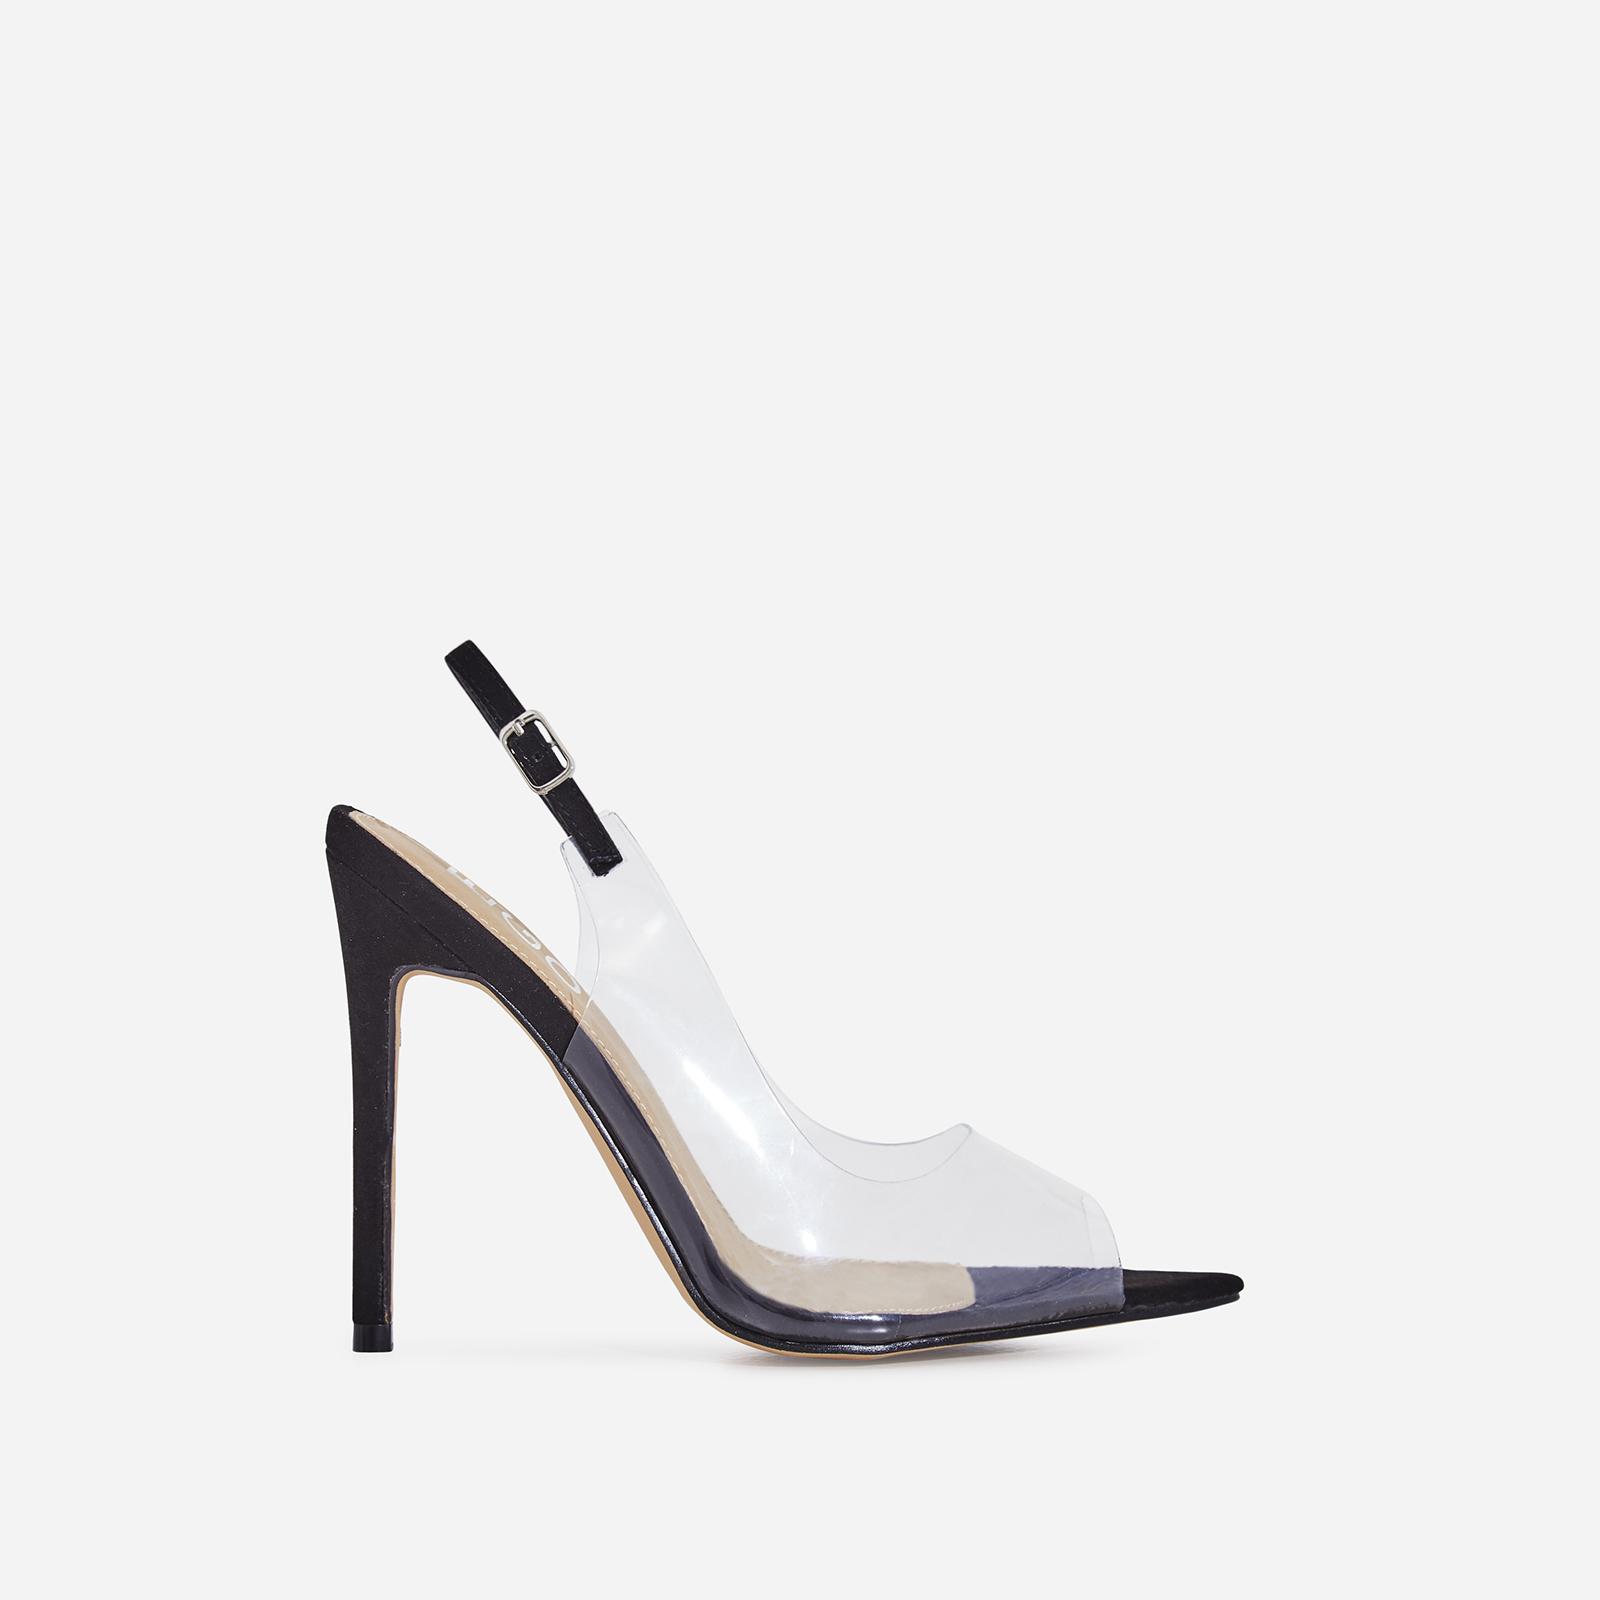 Tracey Peep Toe Perspex Heel In Black Faux Suede